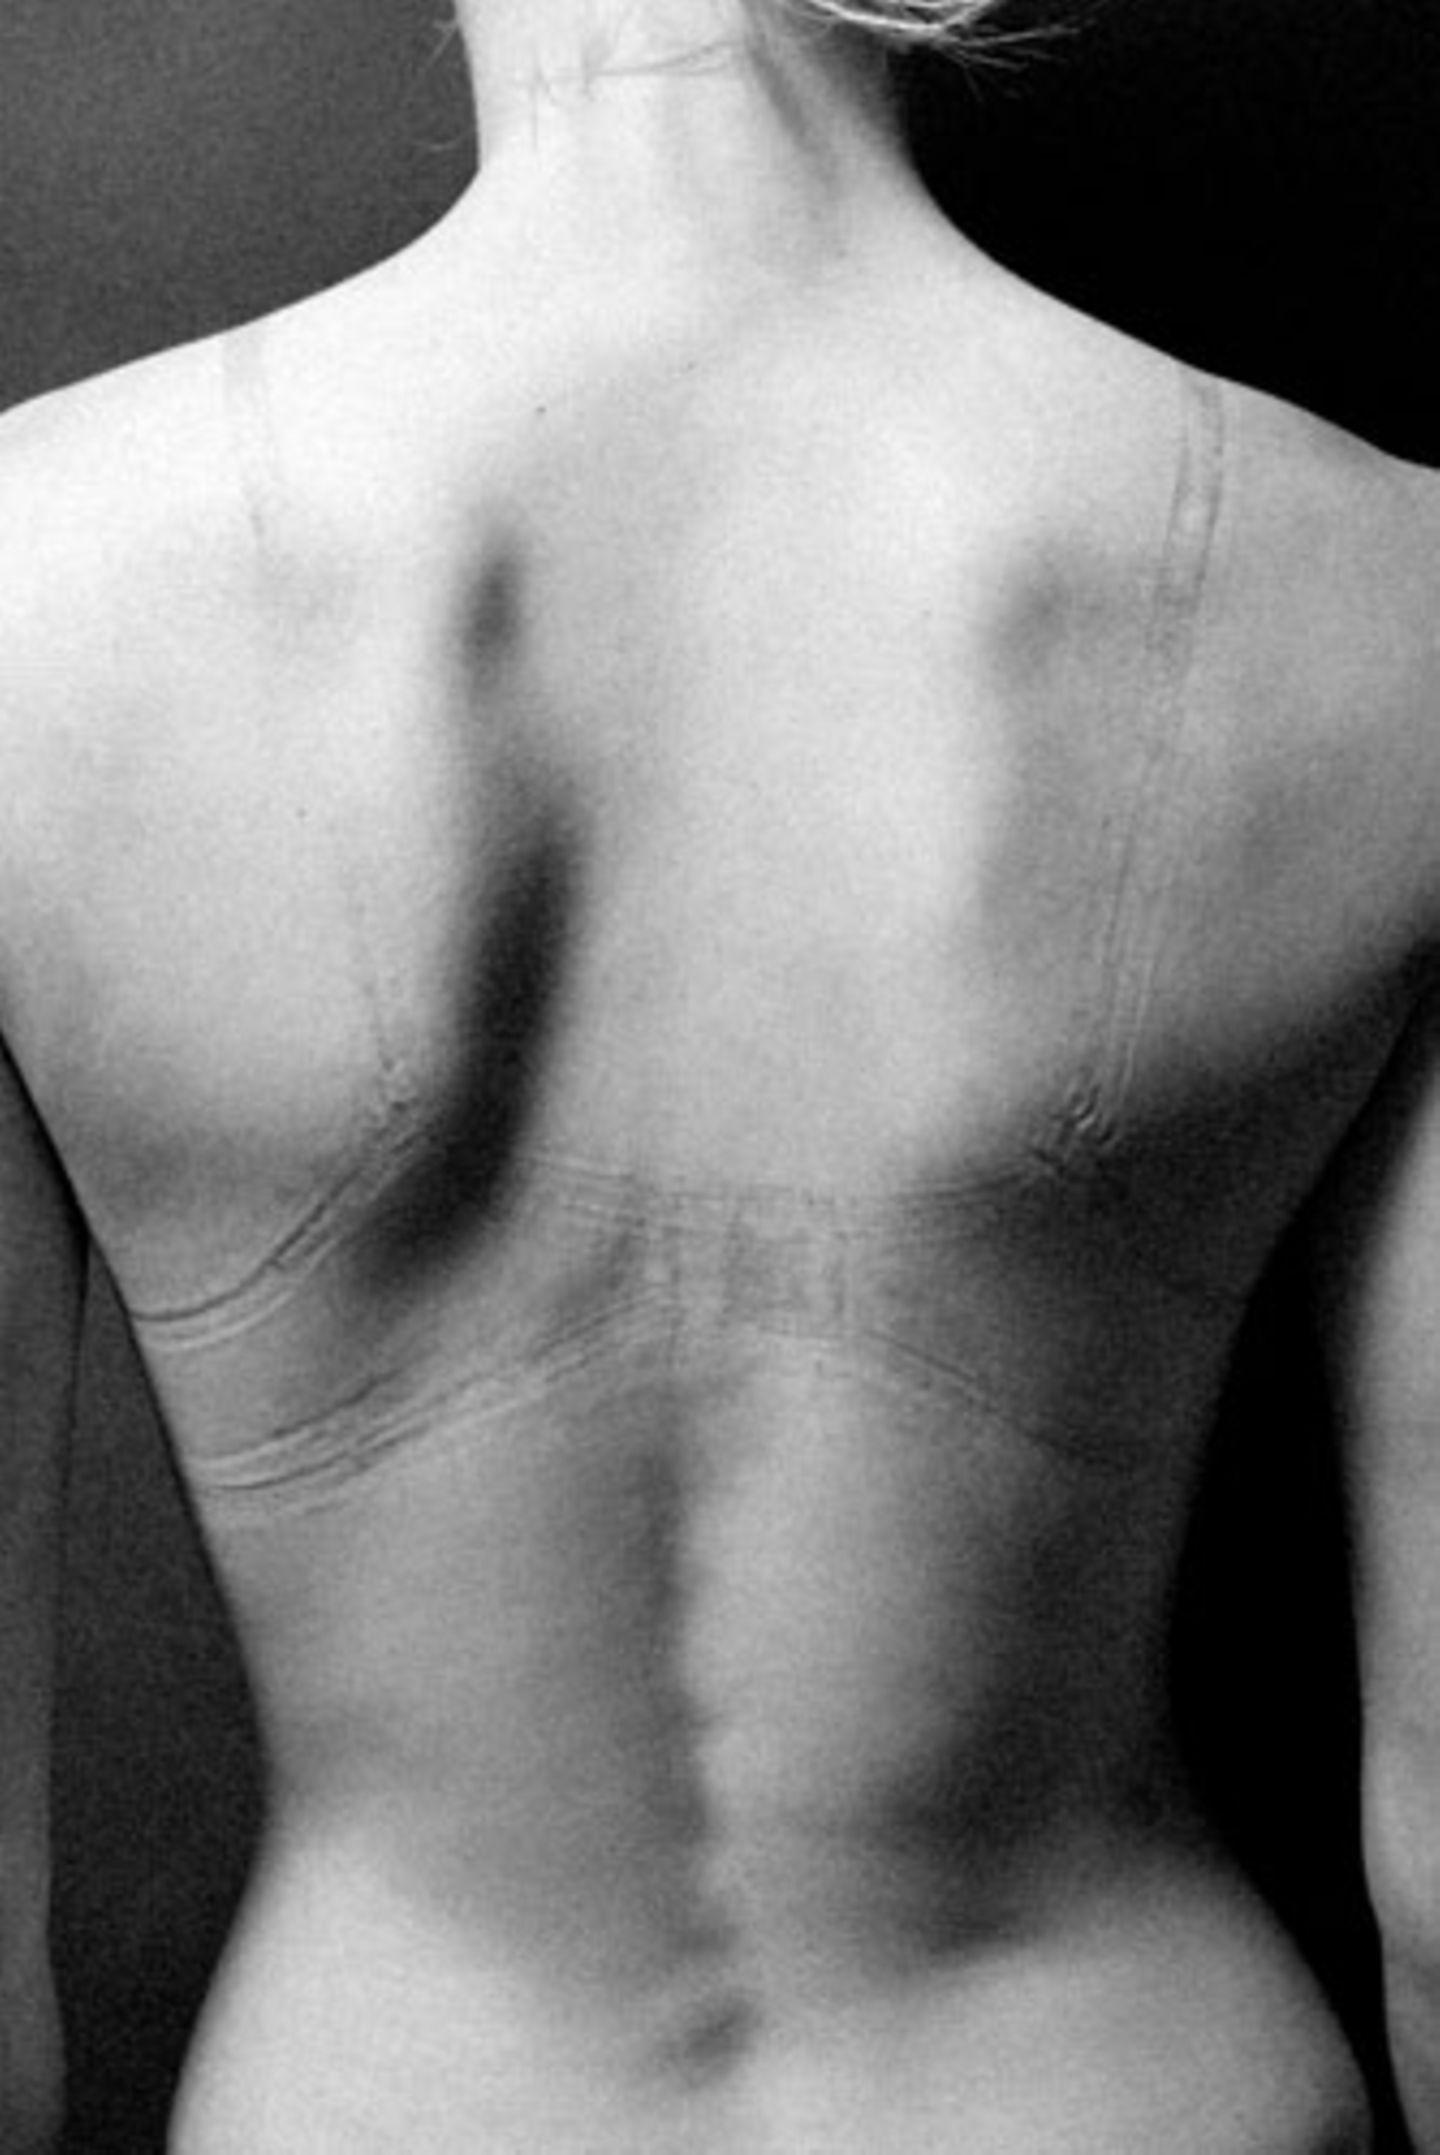 """Der amerikanische Fotograf Justin Alexander Bartels spricht uns Frauen mit seiner Bilderserie """"Impression"""" aus der Seele. Warum nur ziehen wir immer diese viel zu engen Hosen an? Warum kaufen wir uns die schnieken High Heels nicht eine halbe Nummer größer? Warum lassen wir uns nicht einfach mal in der Wäscheabteilung beraten, um endlich die richtige BH-Größe zu finden?"""